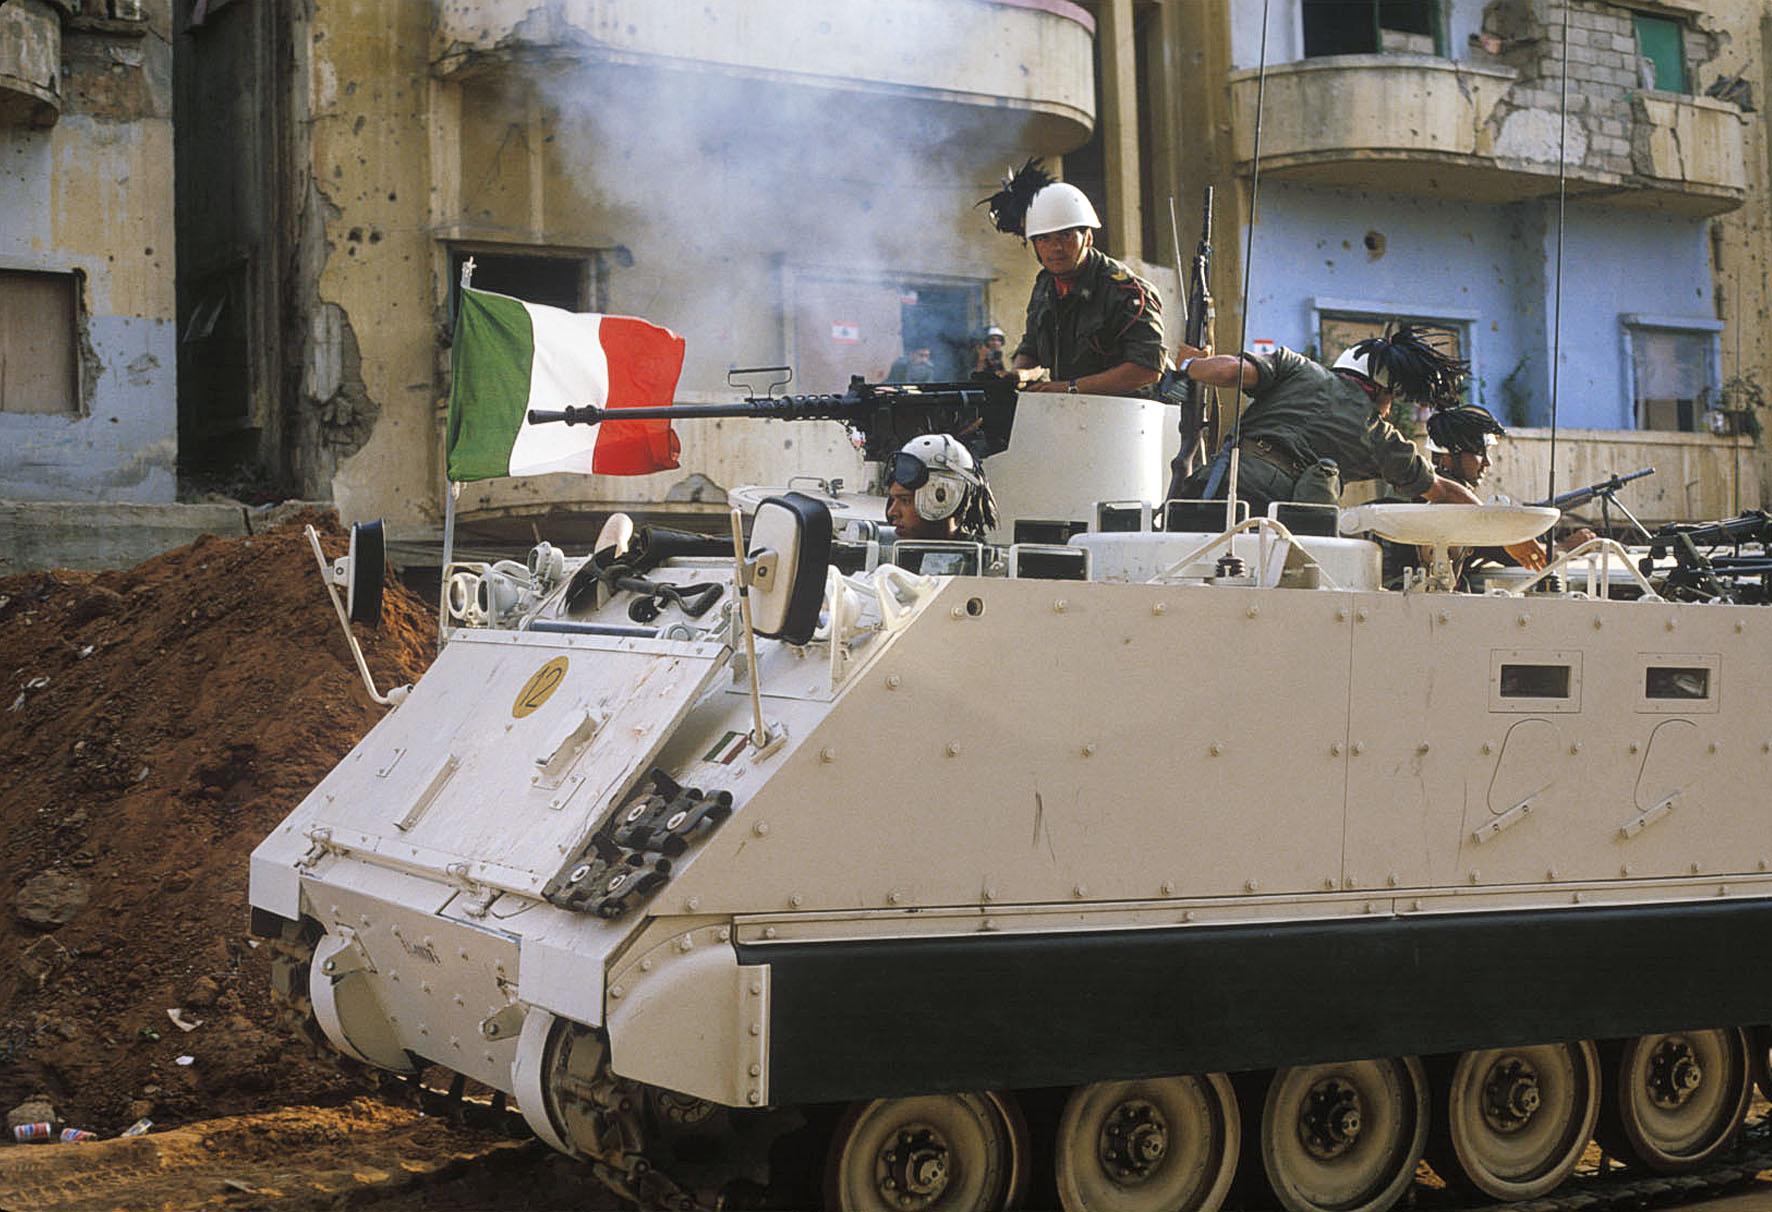 1982. Olasz békefenntartók Bejrútban. A II. vh. óta ez volt az olasz hadsereg első bevetése külföldön..jpg